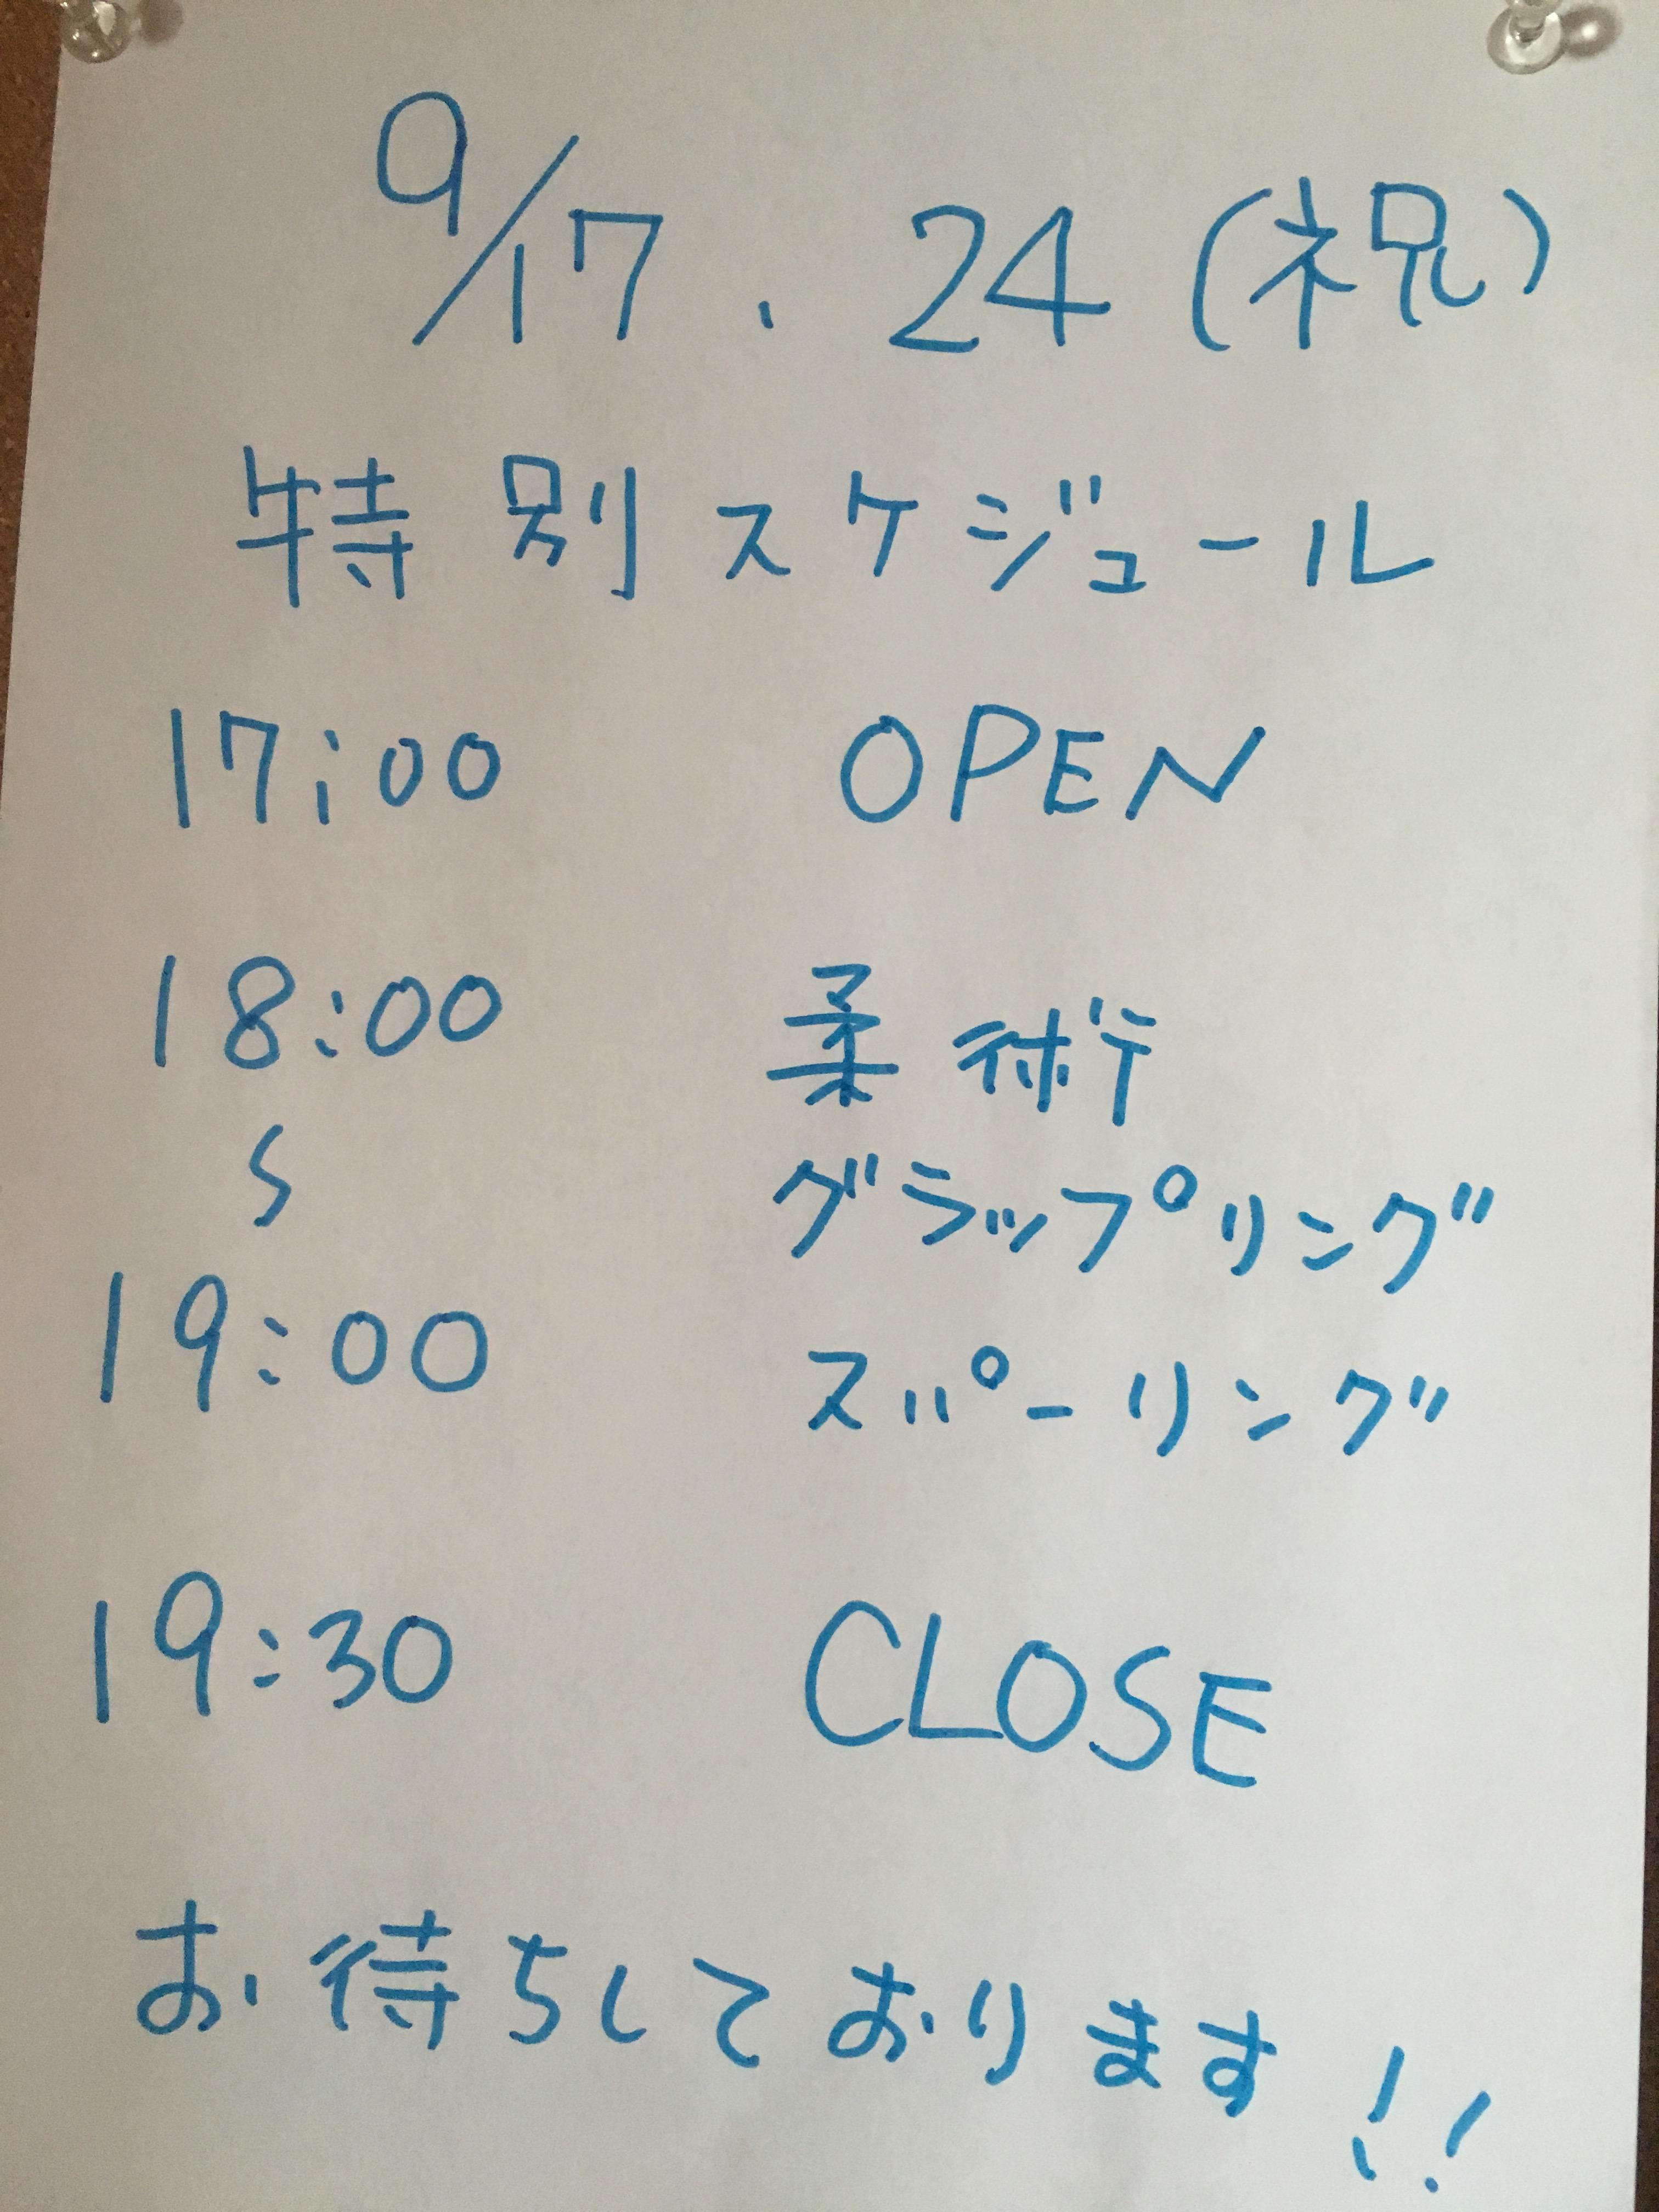 9月17日特別開館